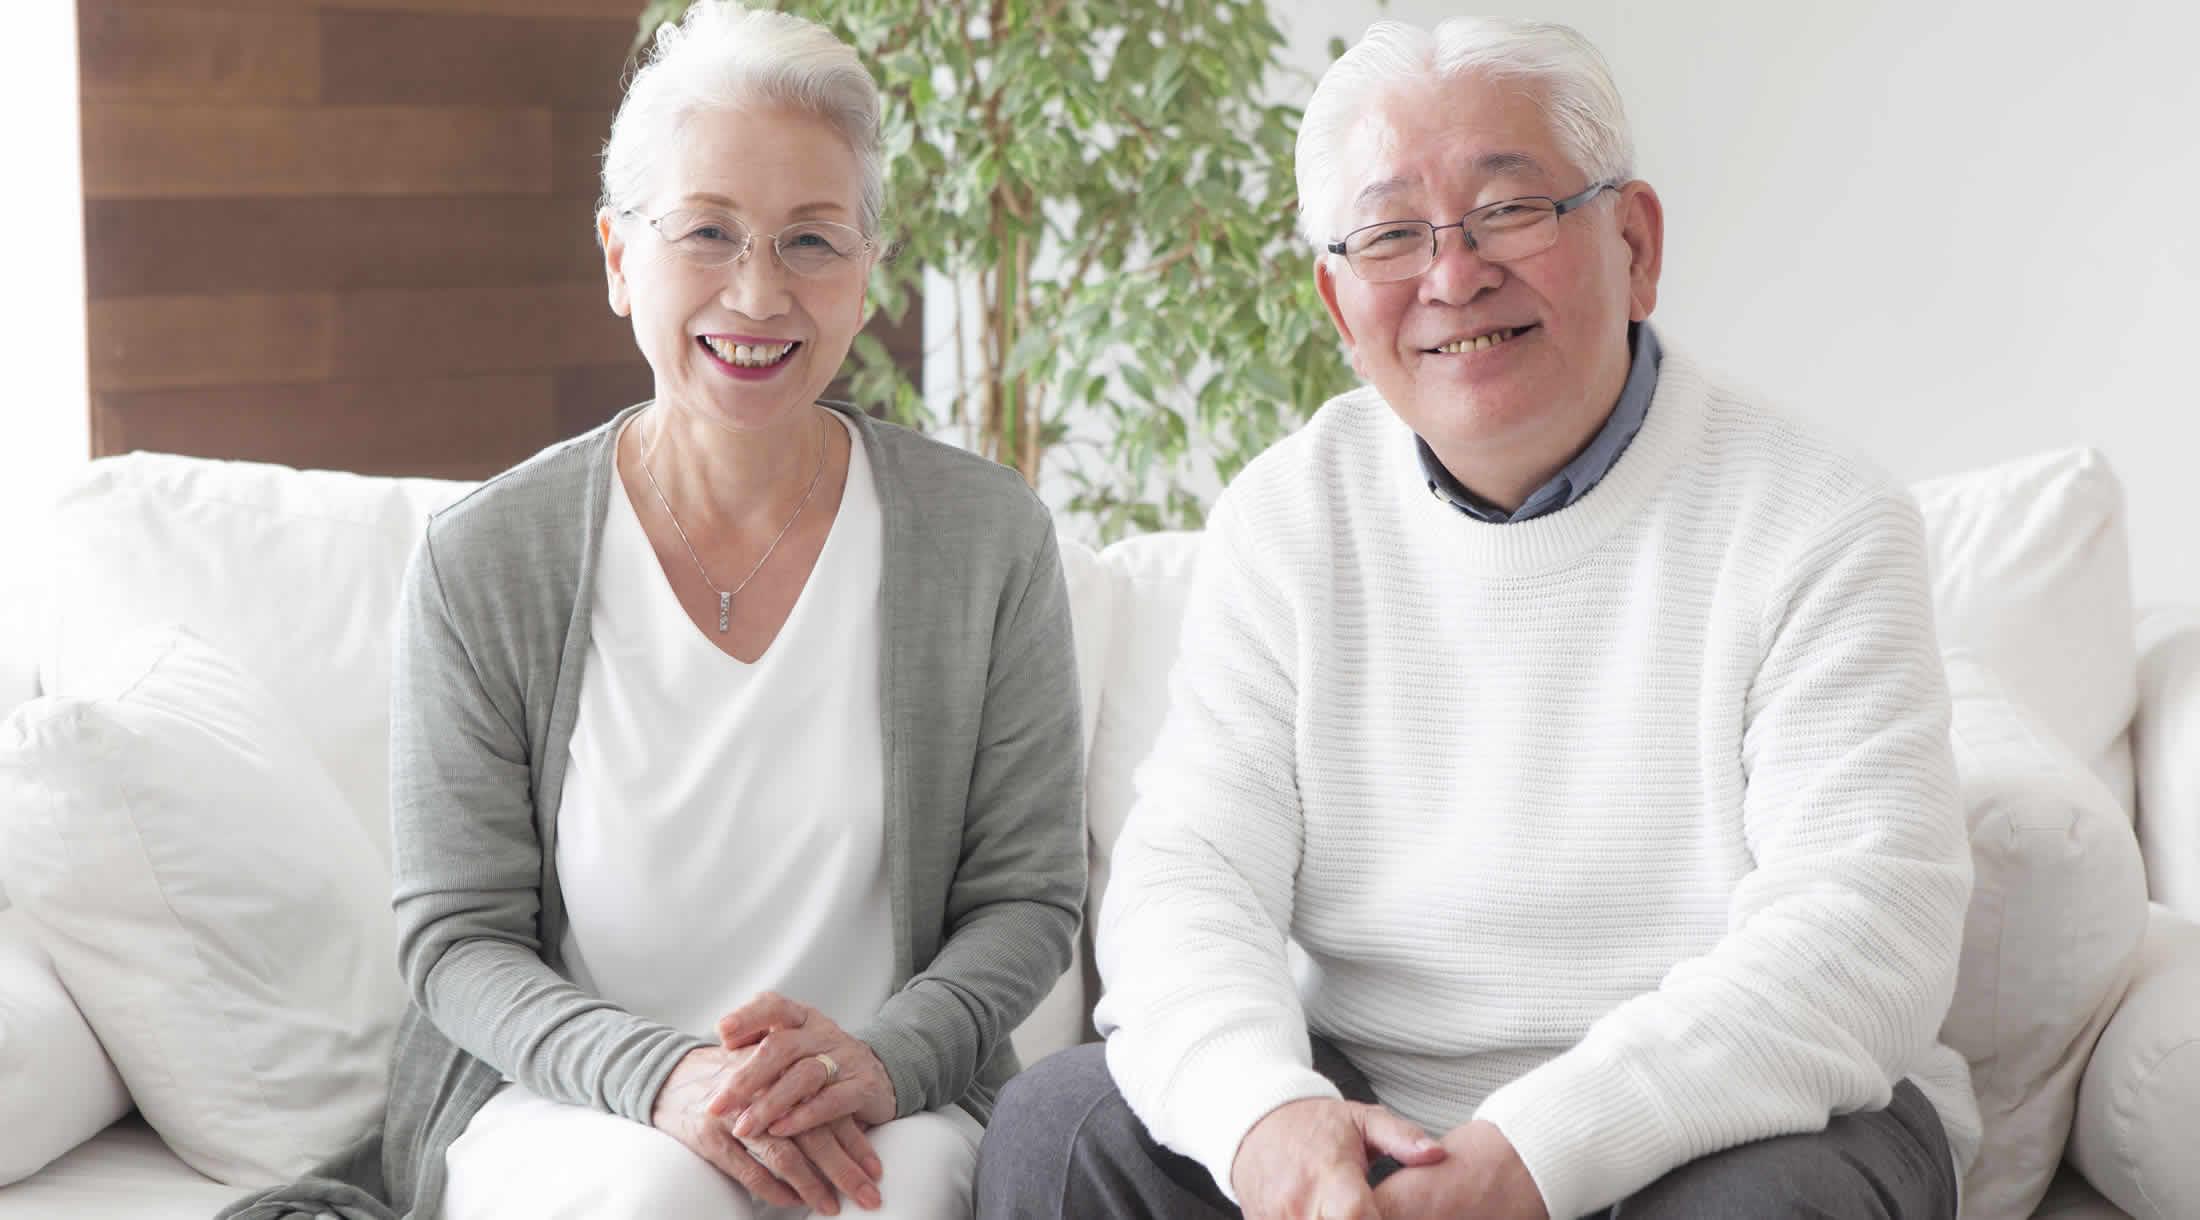 マイホームを貸したい老夫婦 シルバー